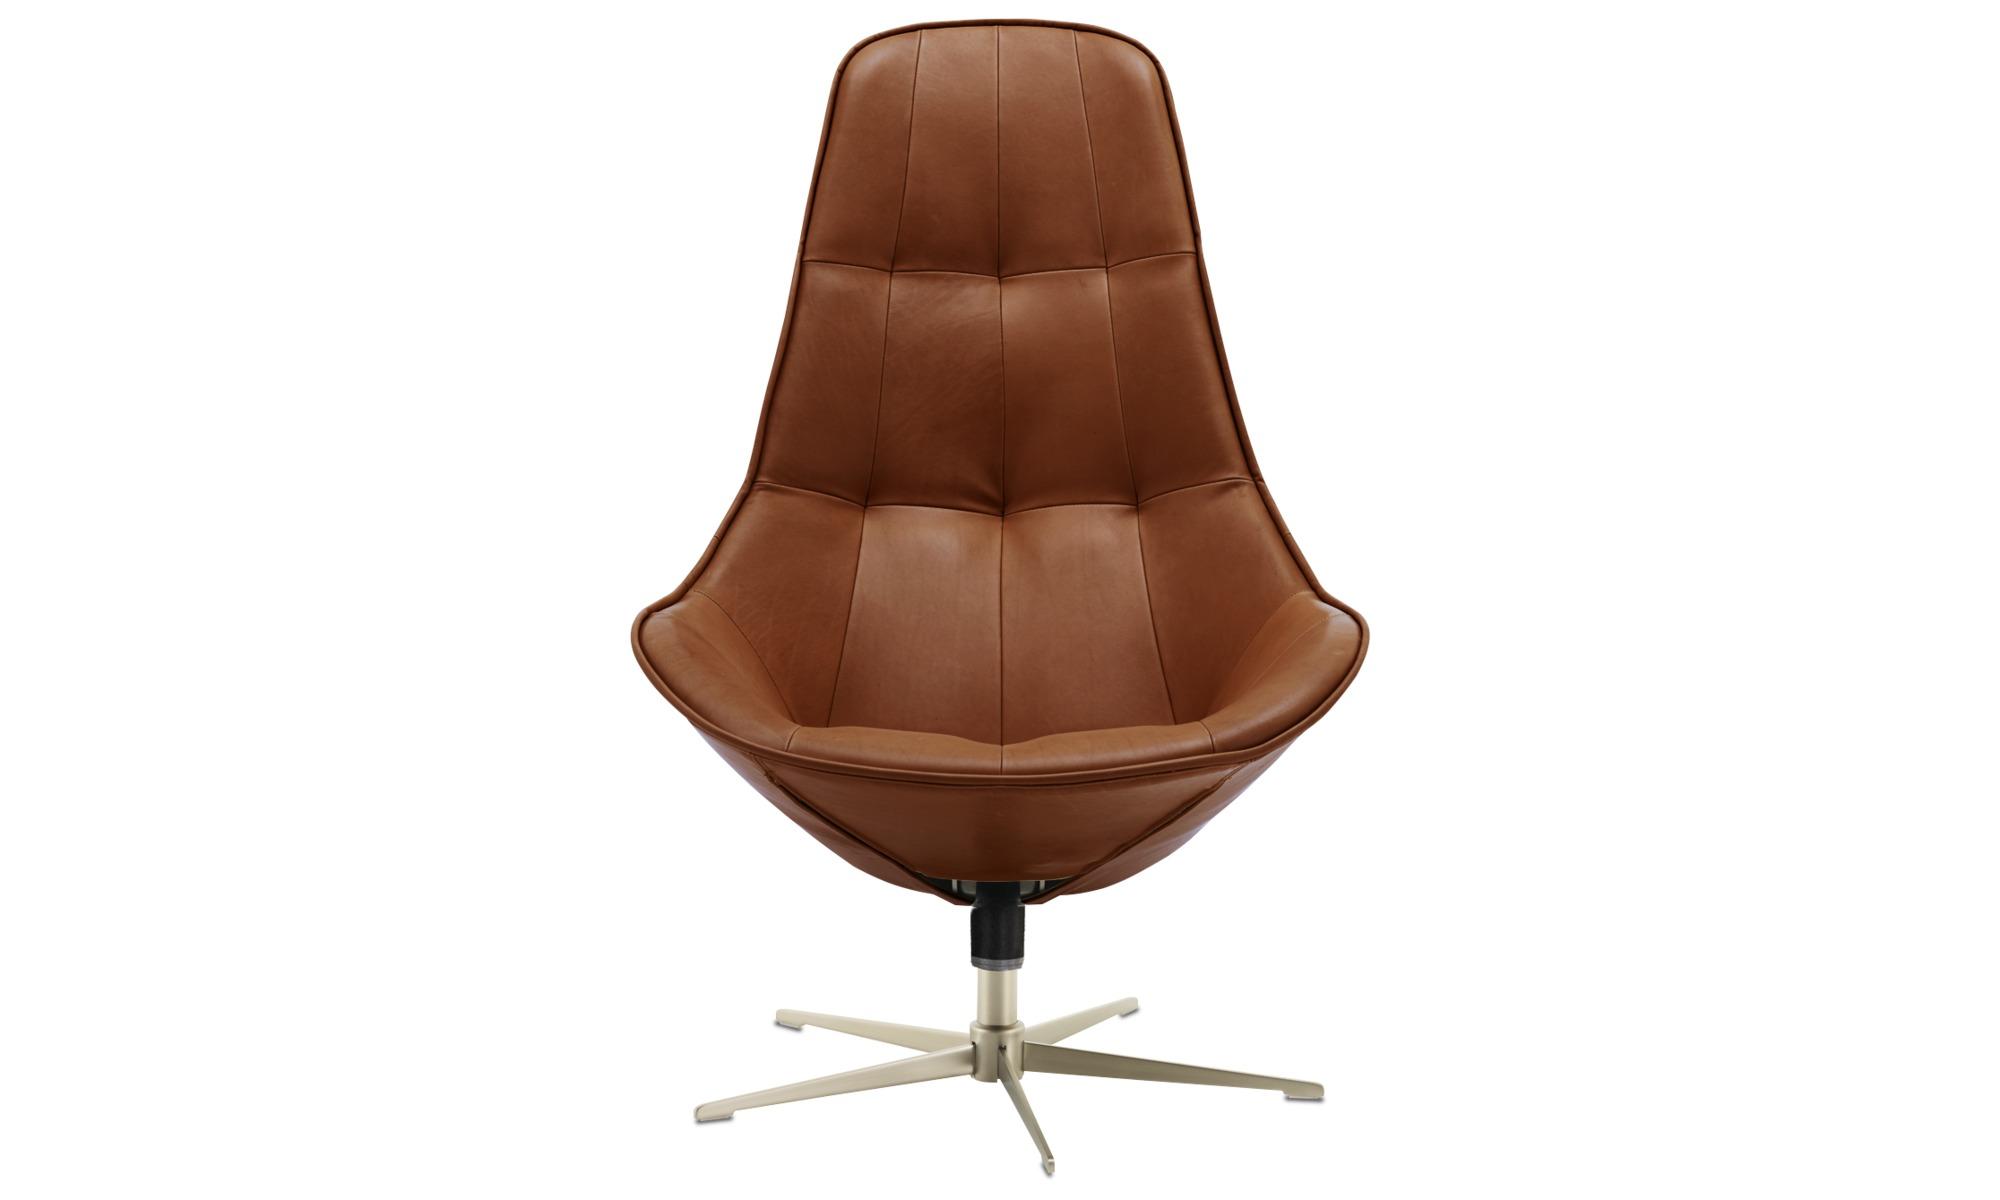 sessel boston sessel mit dreh und kippfunktion boconcept. Black Bedroom Furniture Sets. Home Design Ideas